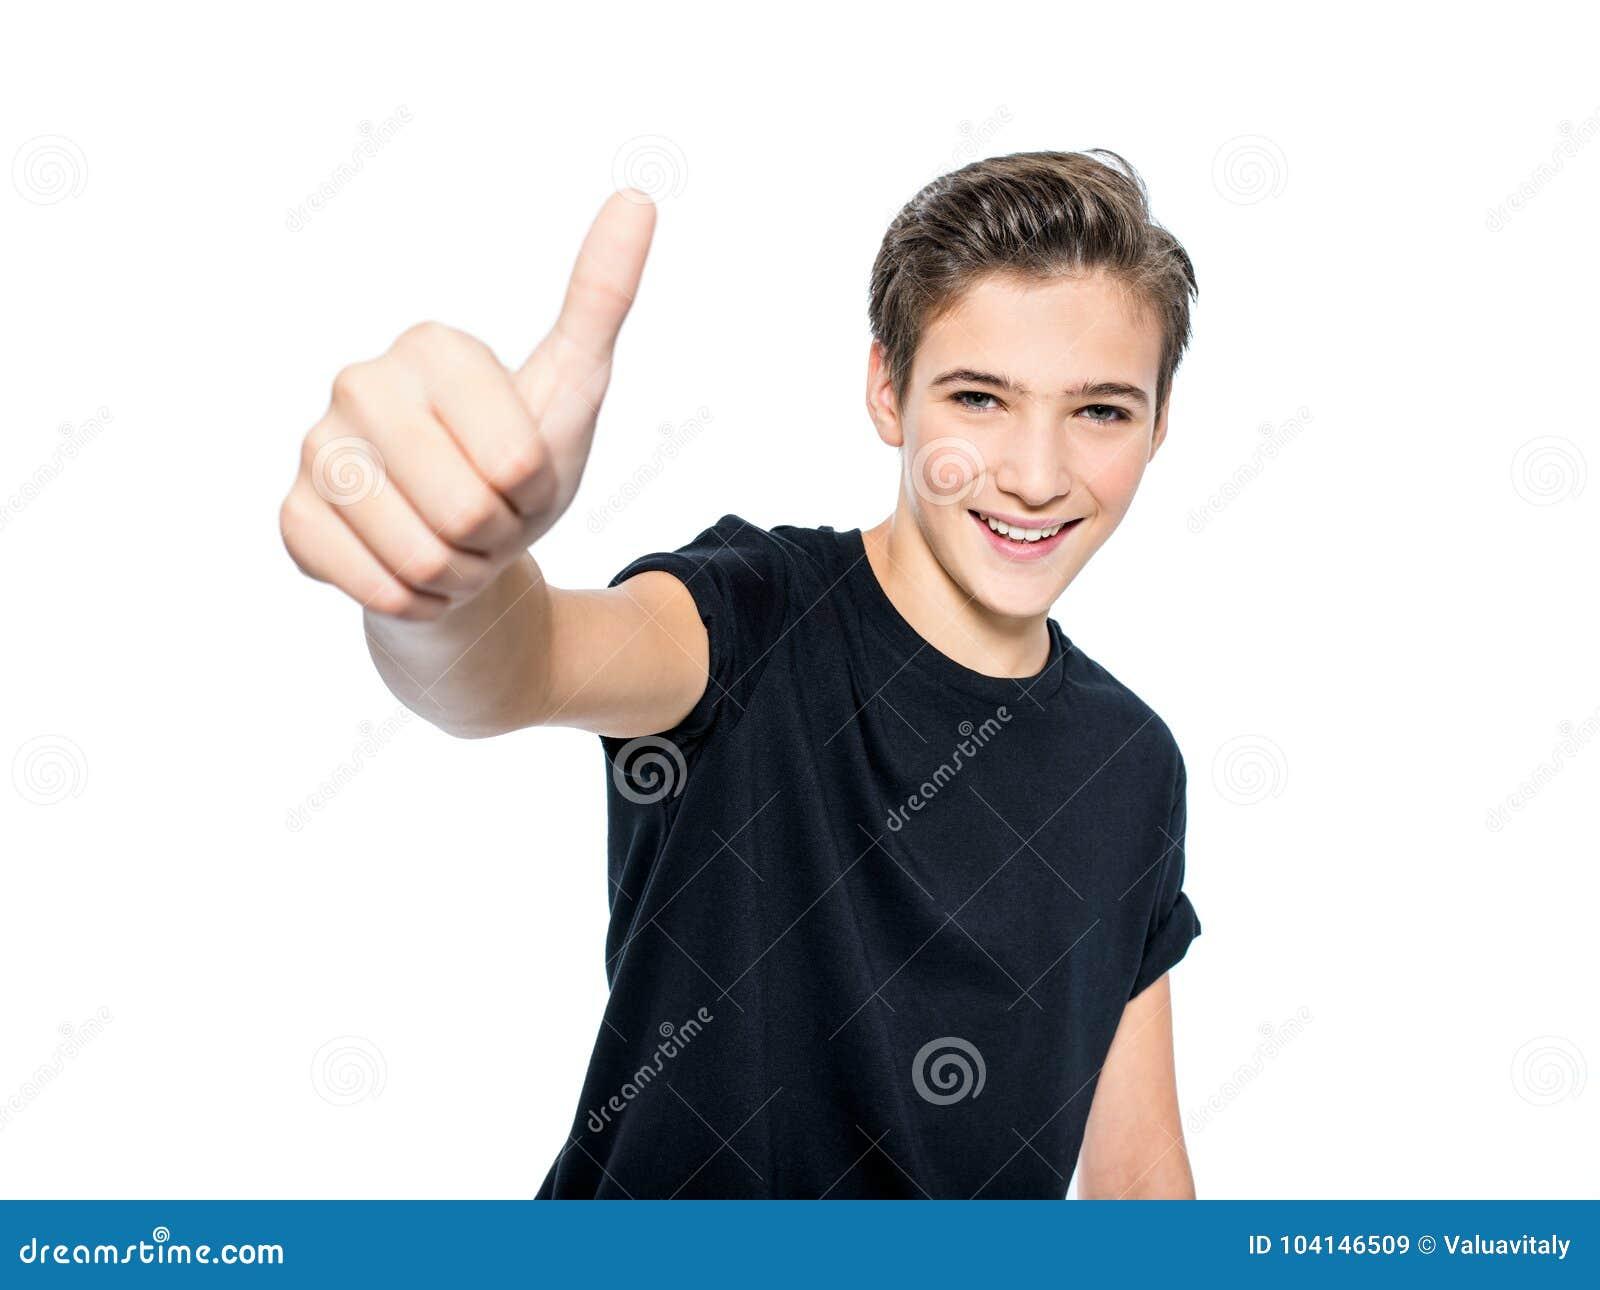 Фото подростка с большим пальцем руки вверх